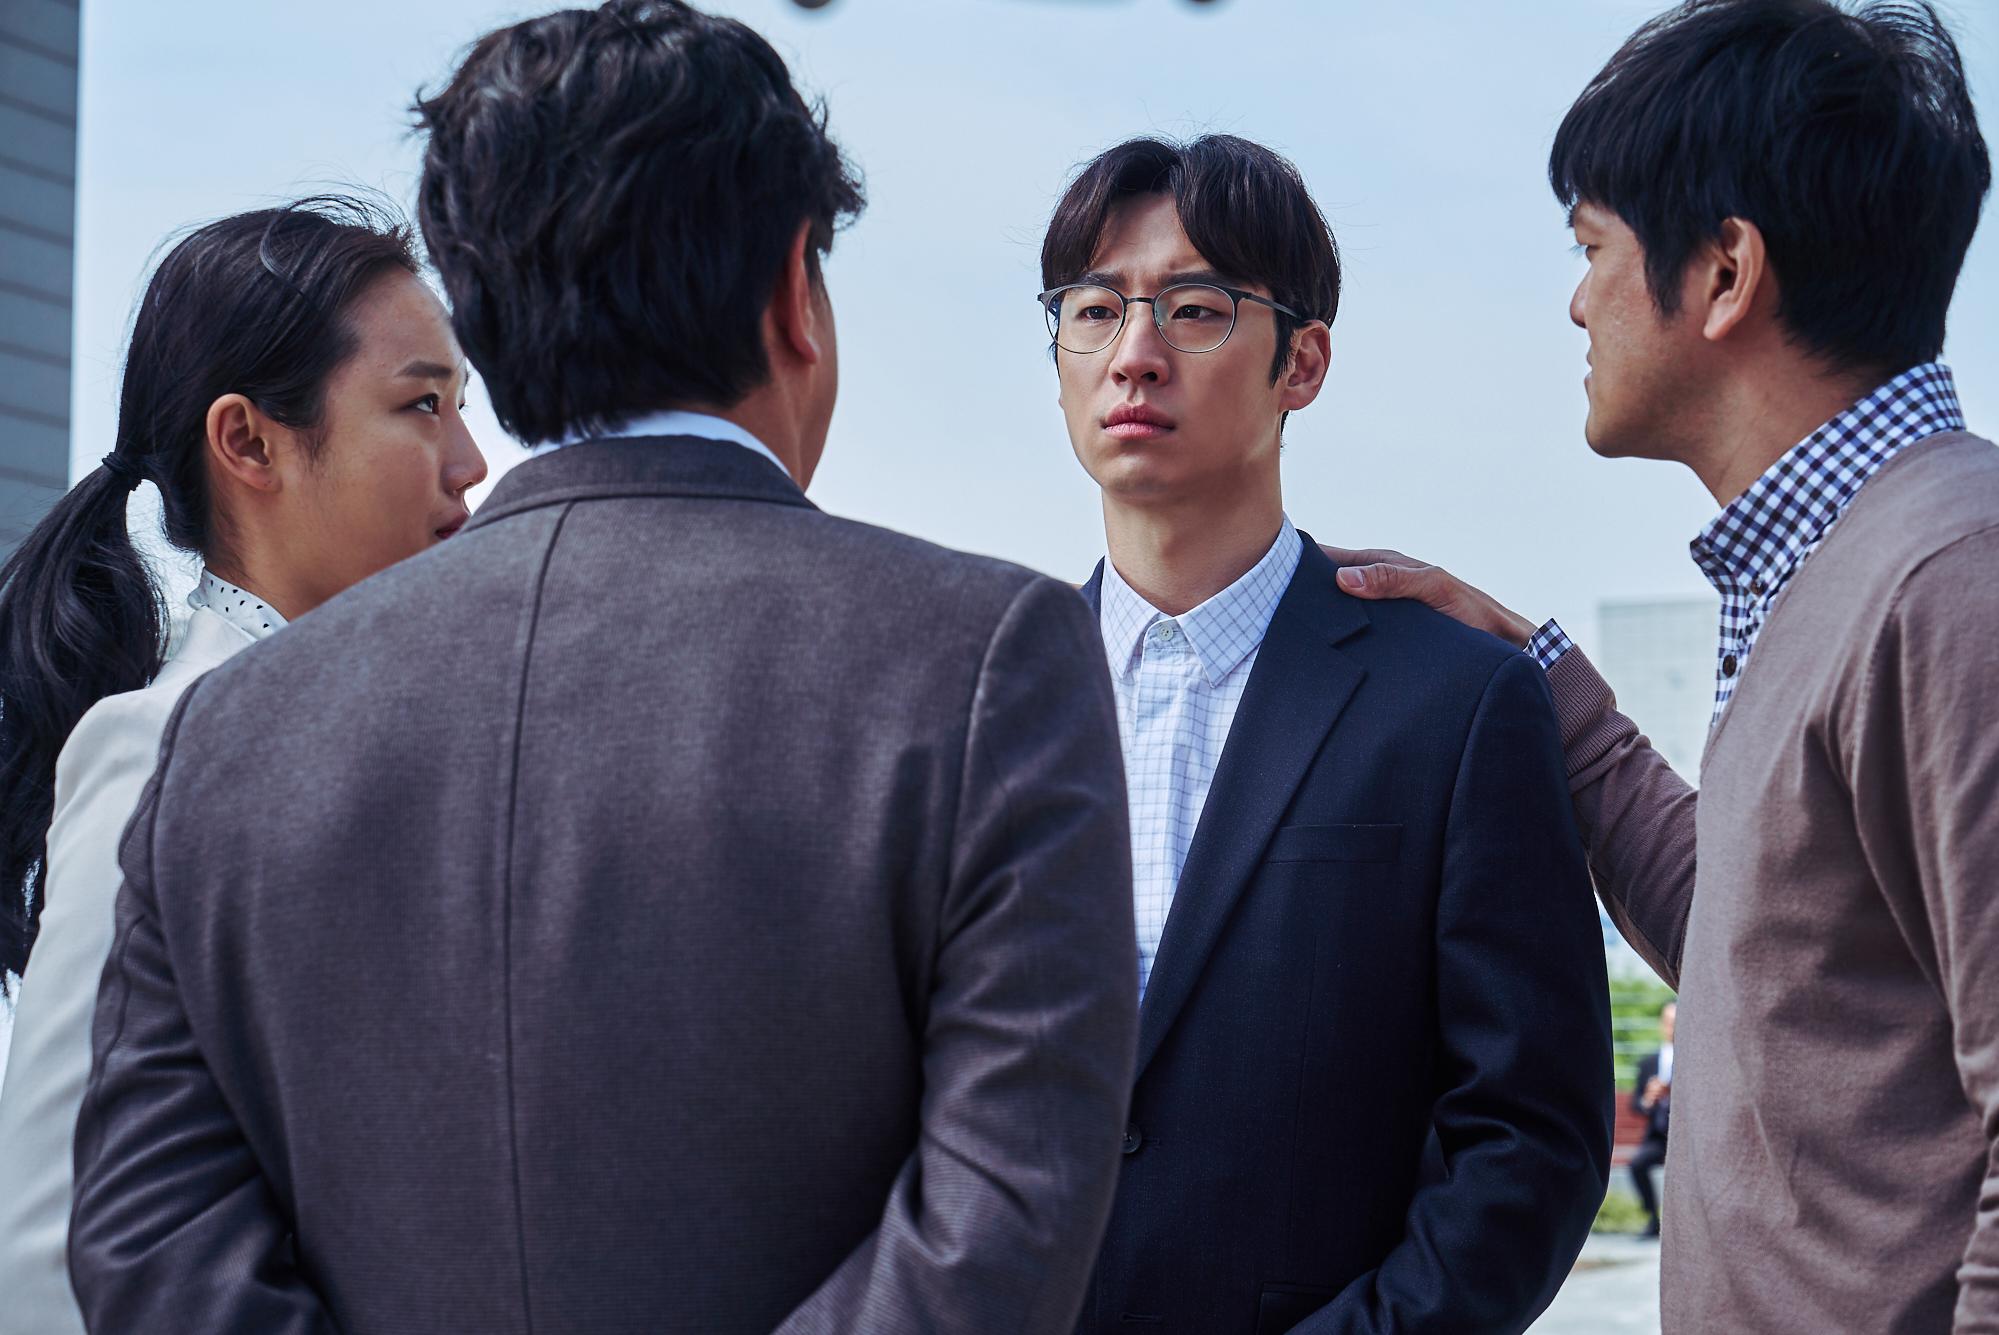 <아이 캔 스피크> 대세 호감 배우 이제훈의 극과 극 눈빛 연기 화제!